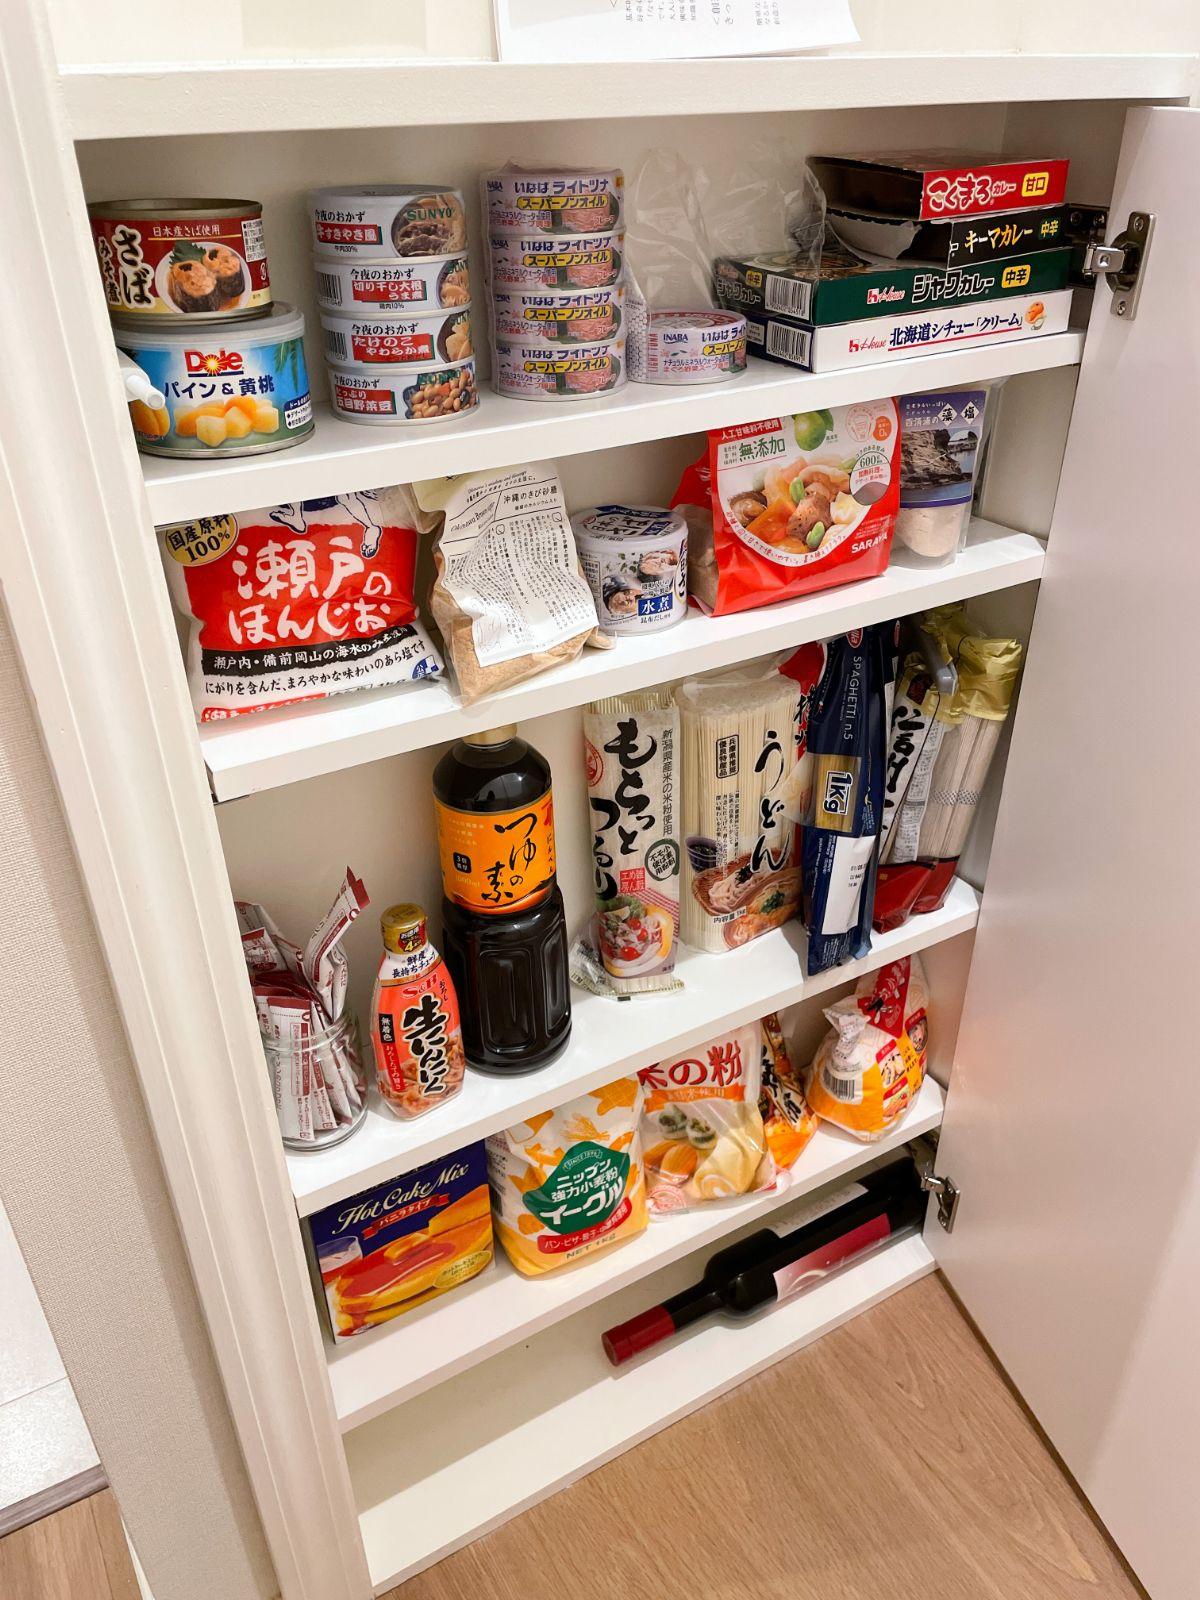 浅い食品ストック棚